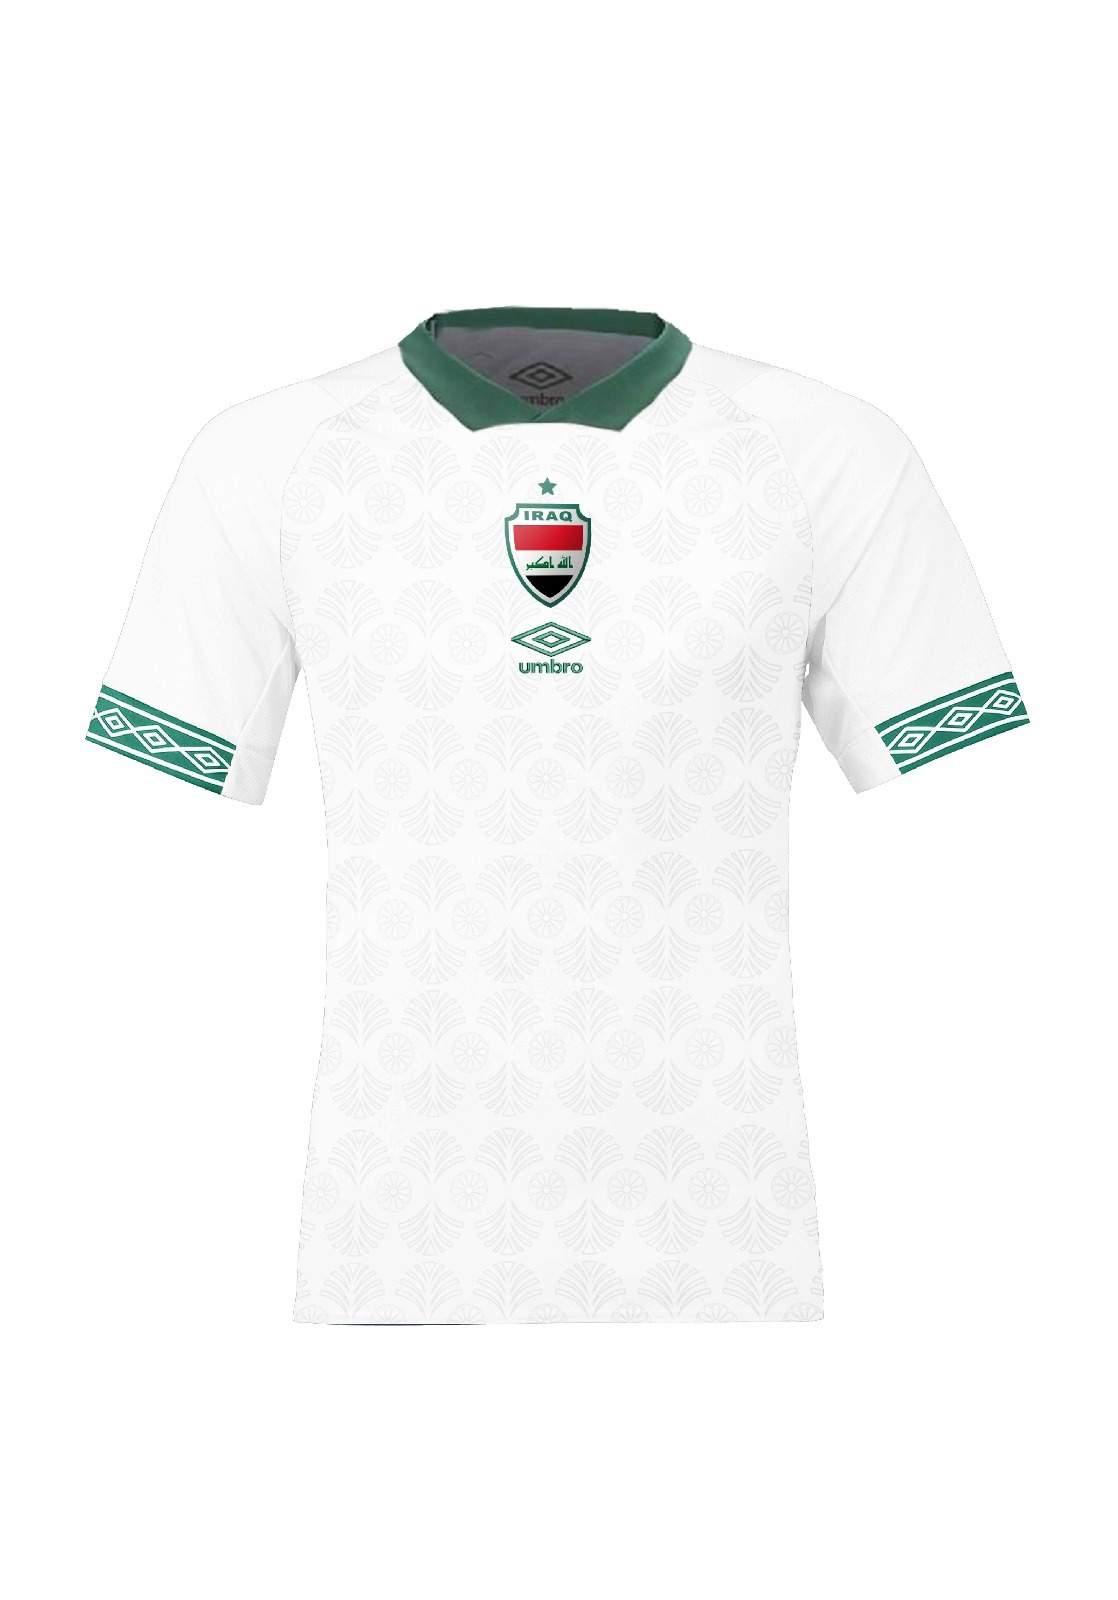 قميص المنتخب العراقي الرسمي - ابيض